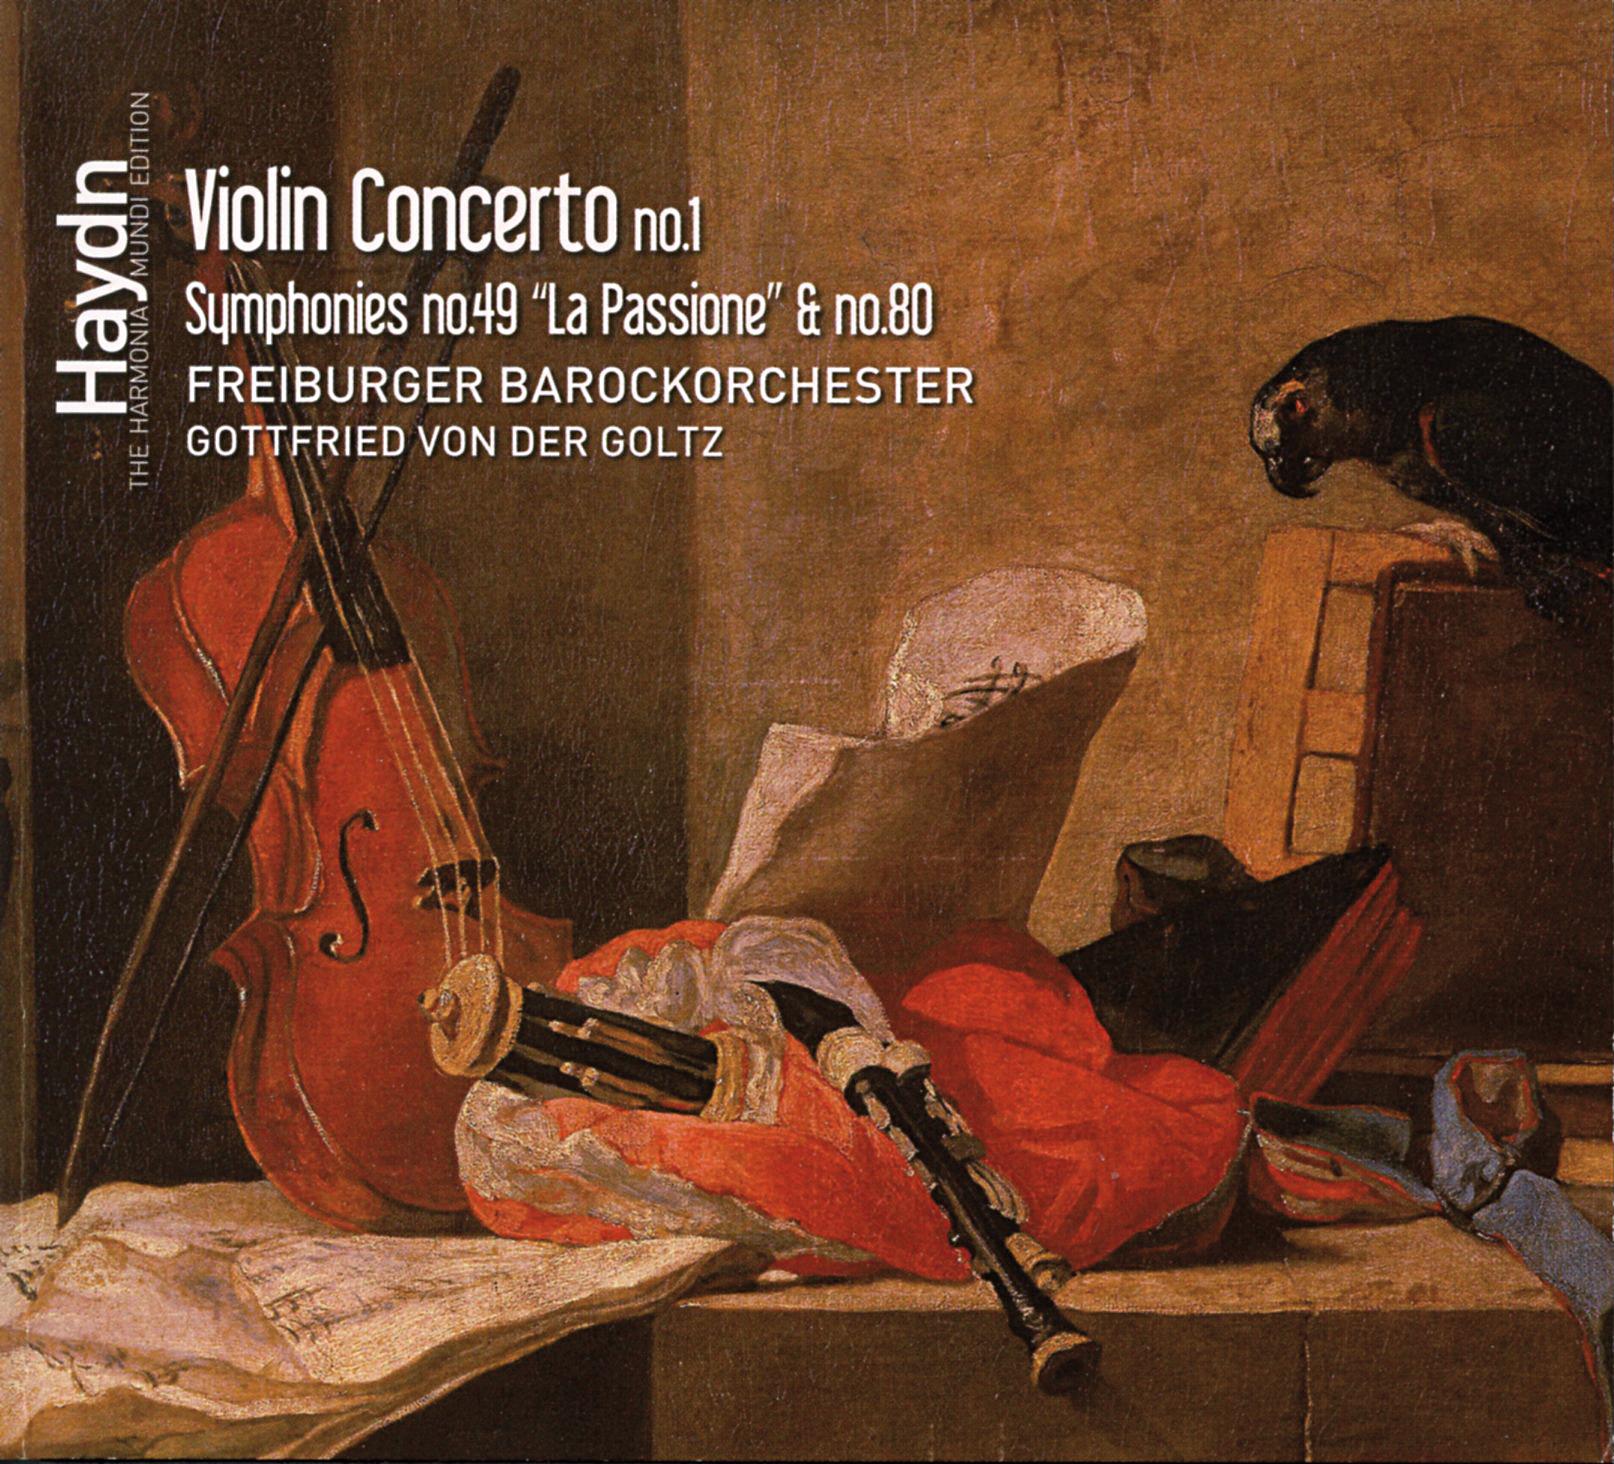 Haydn Violin Concerto No. 1 & Symphonies no. 49 & 80Freiburger Barockorchester / Gottfried von der GoltzHarmonia Mundi, 2009 -